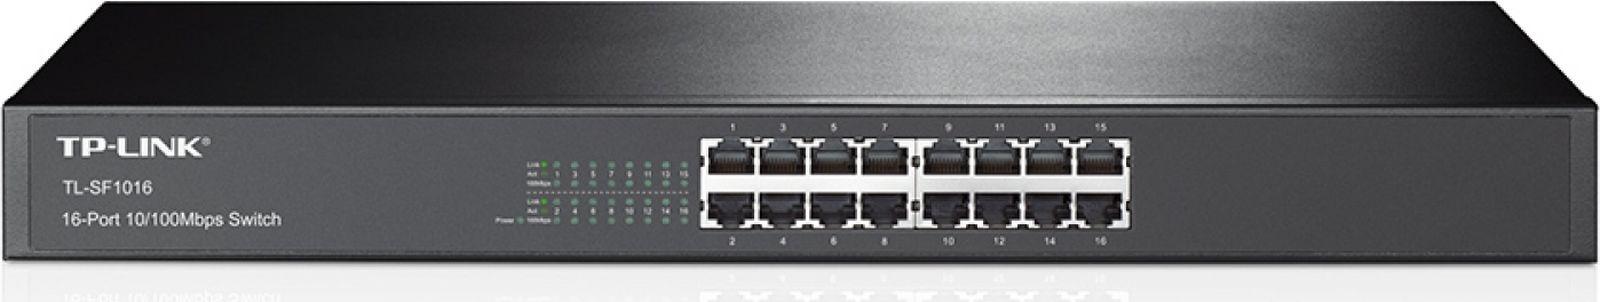 Коммутатор неуправляемый TP-Link TL-SF1016 16x100Mb, 331477